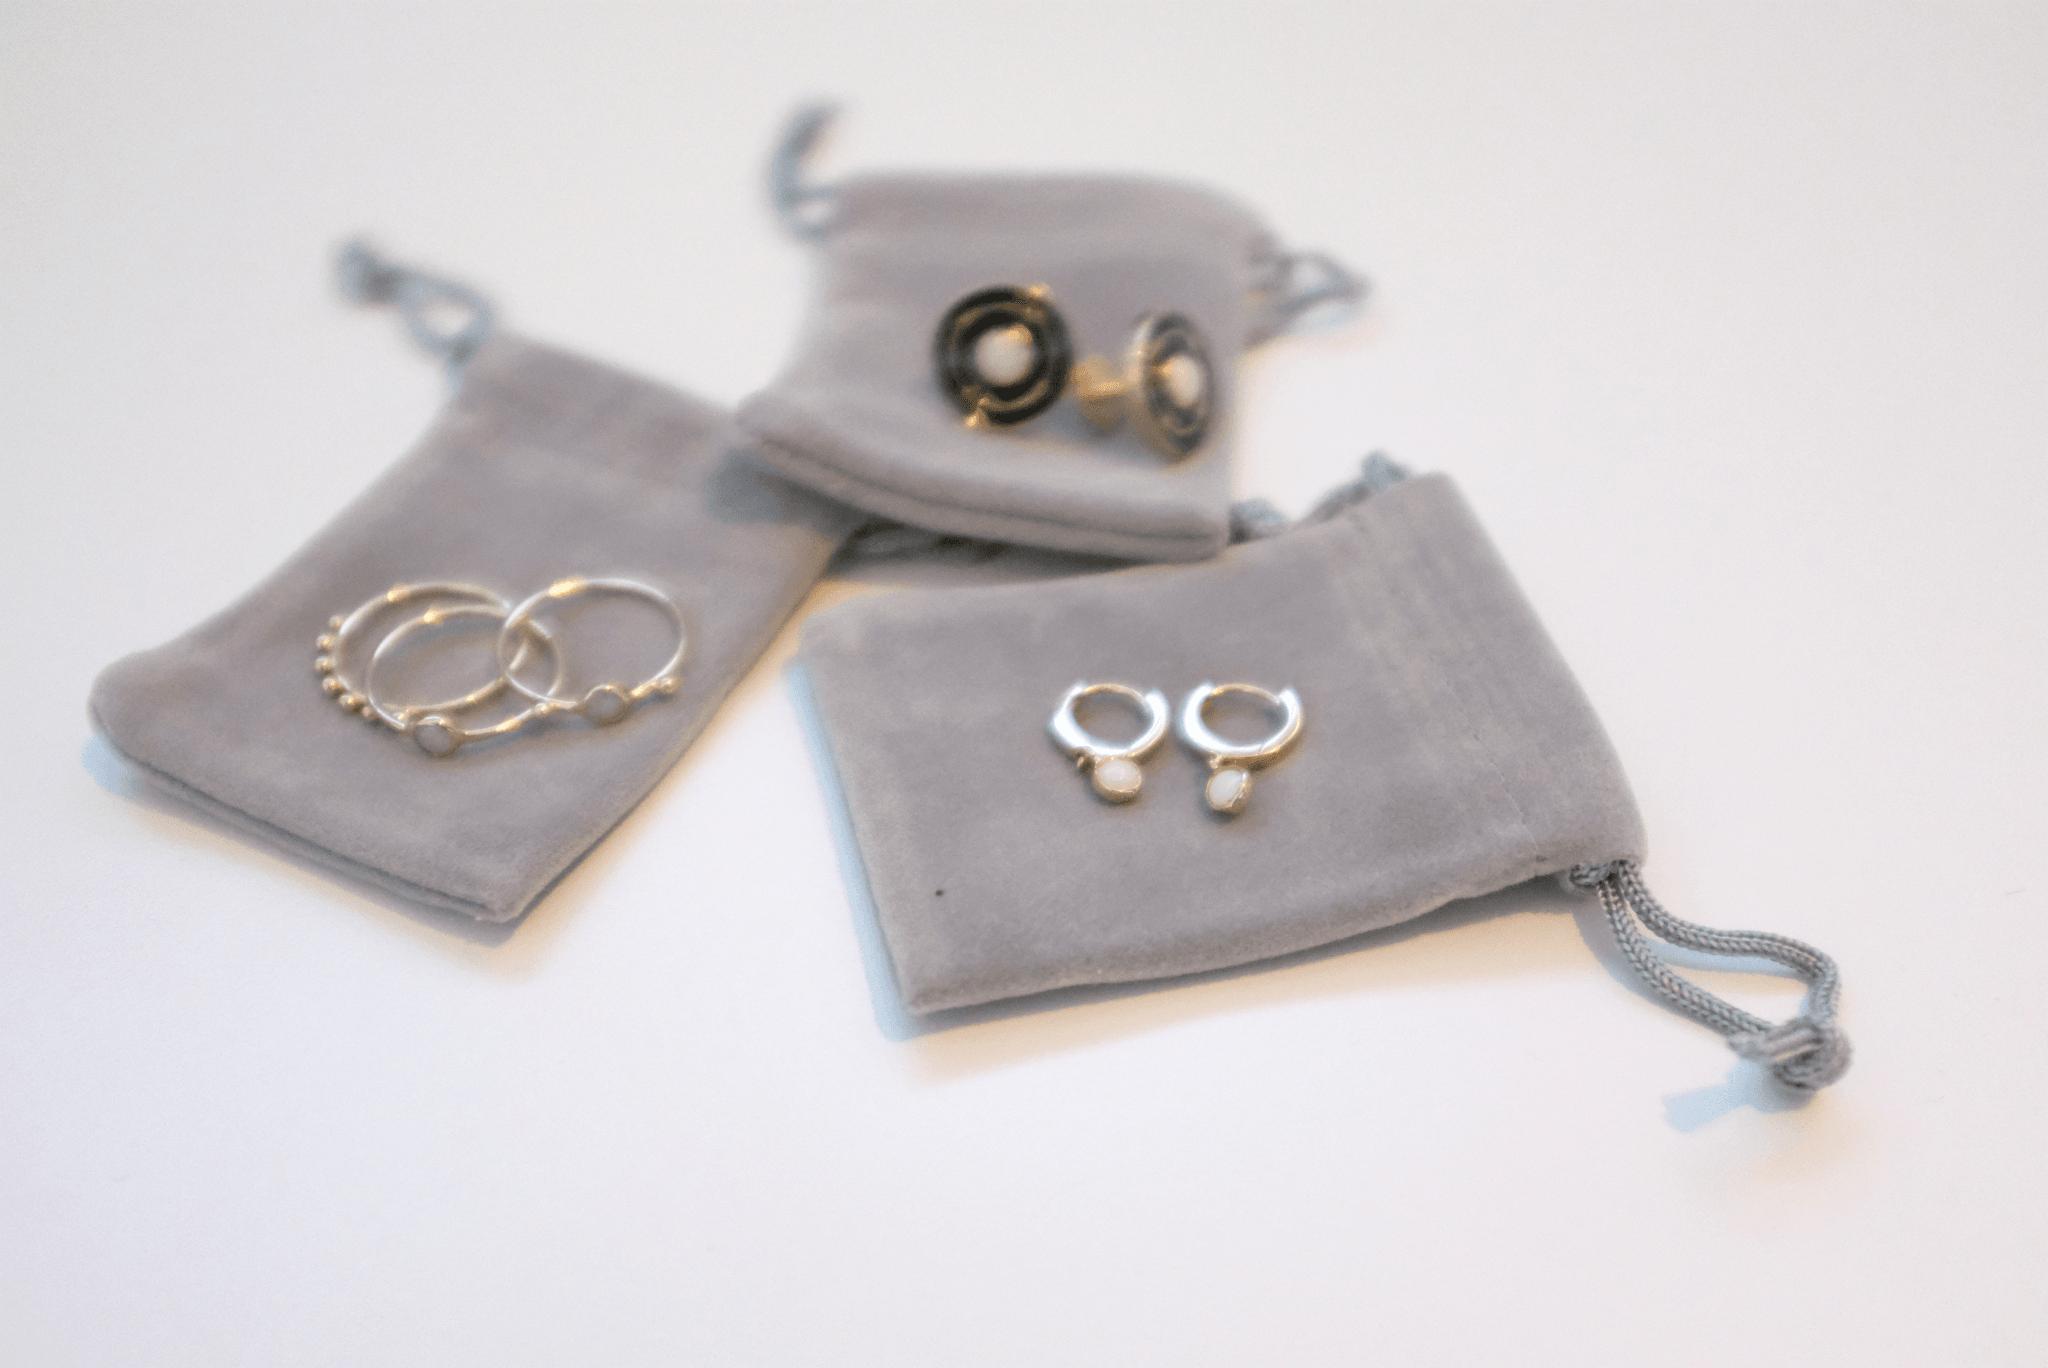 Biżuteria dla prawdziwych geeków - Dell robi pierścionki ze ze złota pozyskanego z komputerowych części 16